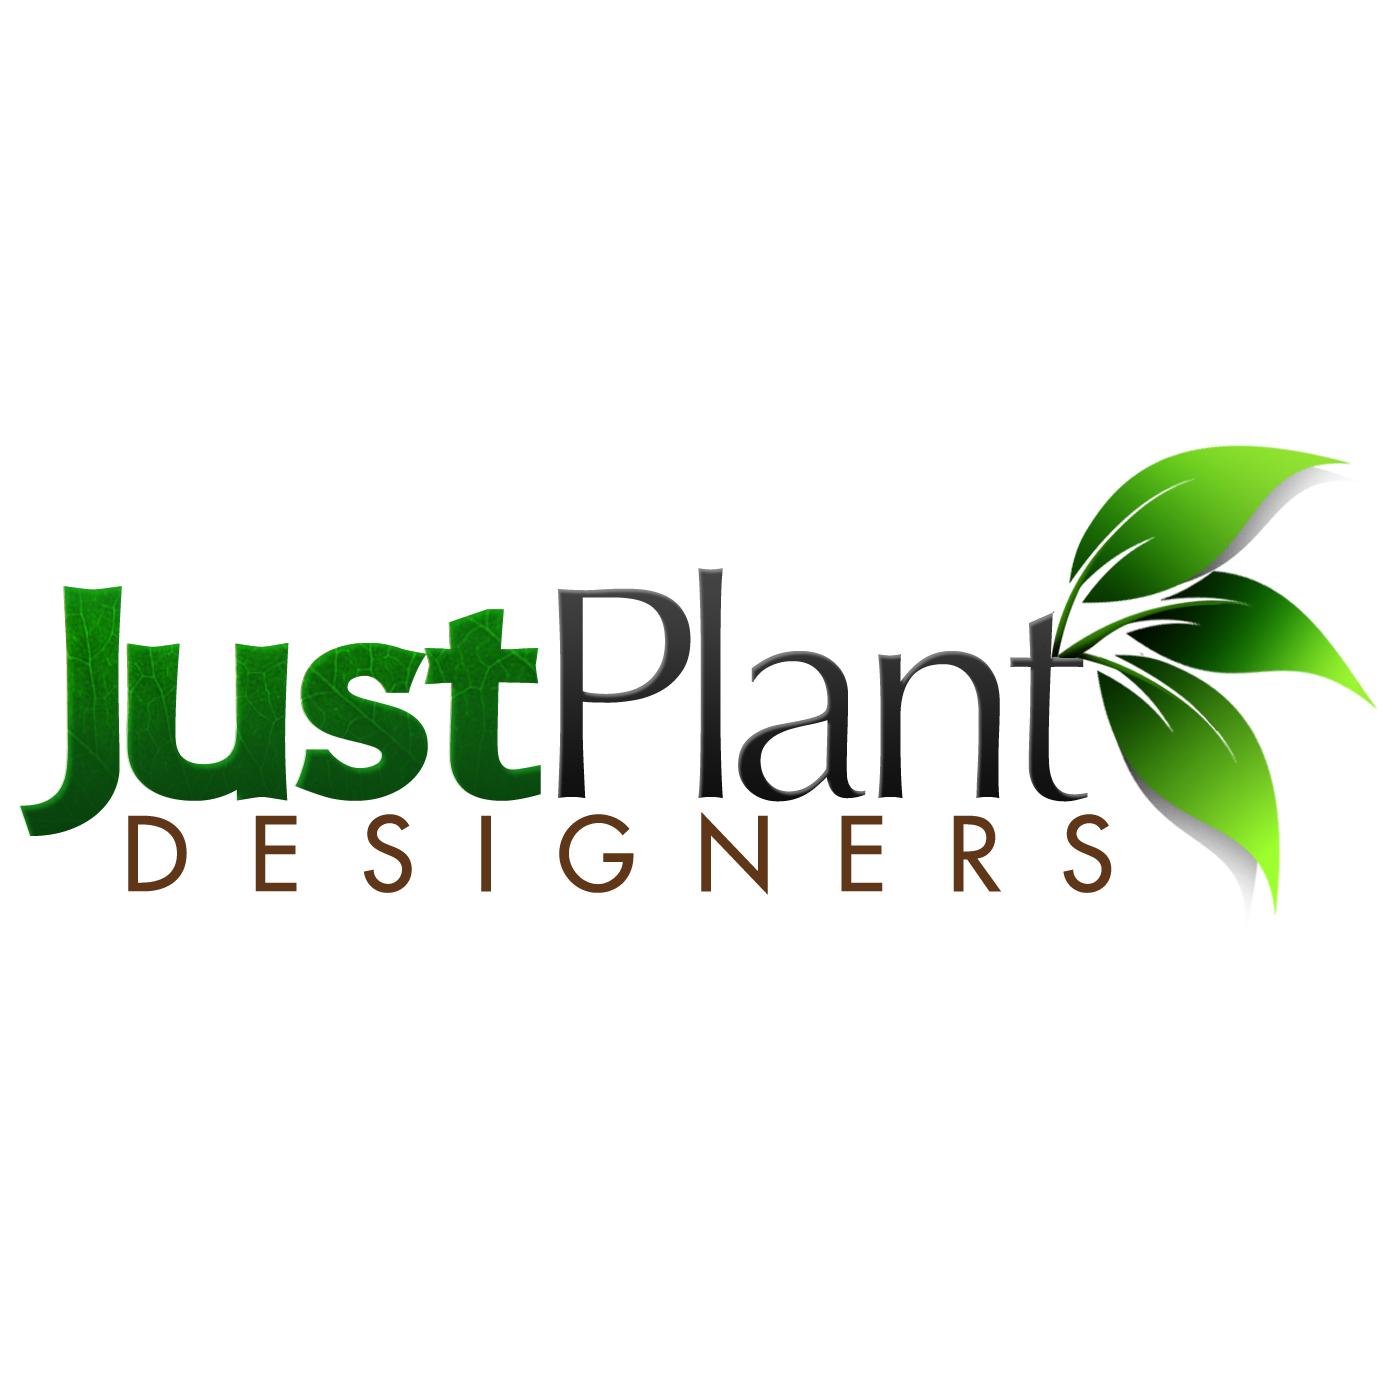 Just Plant Designers, Inc.